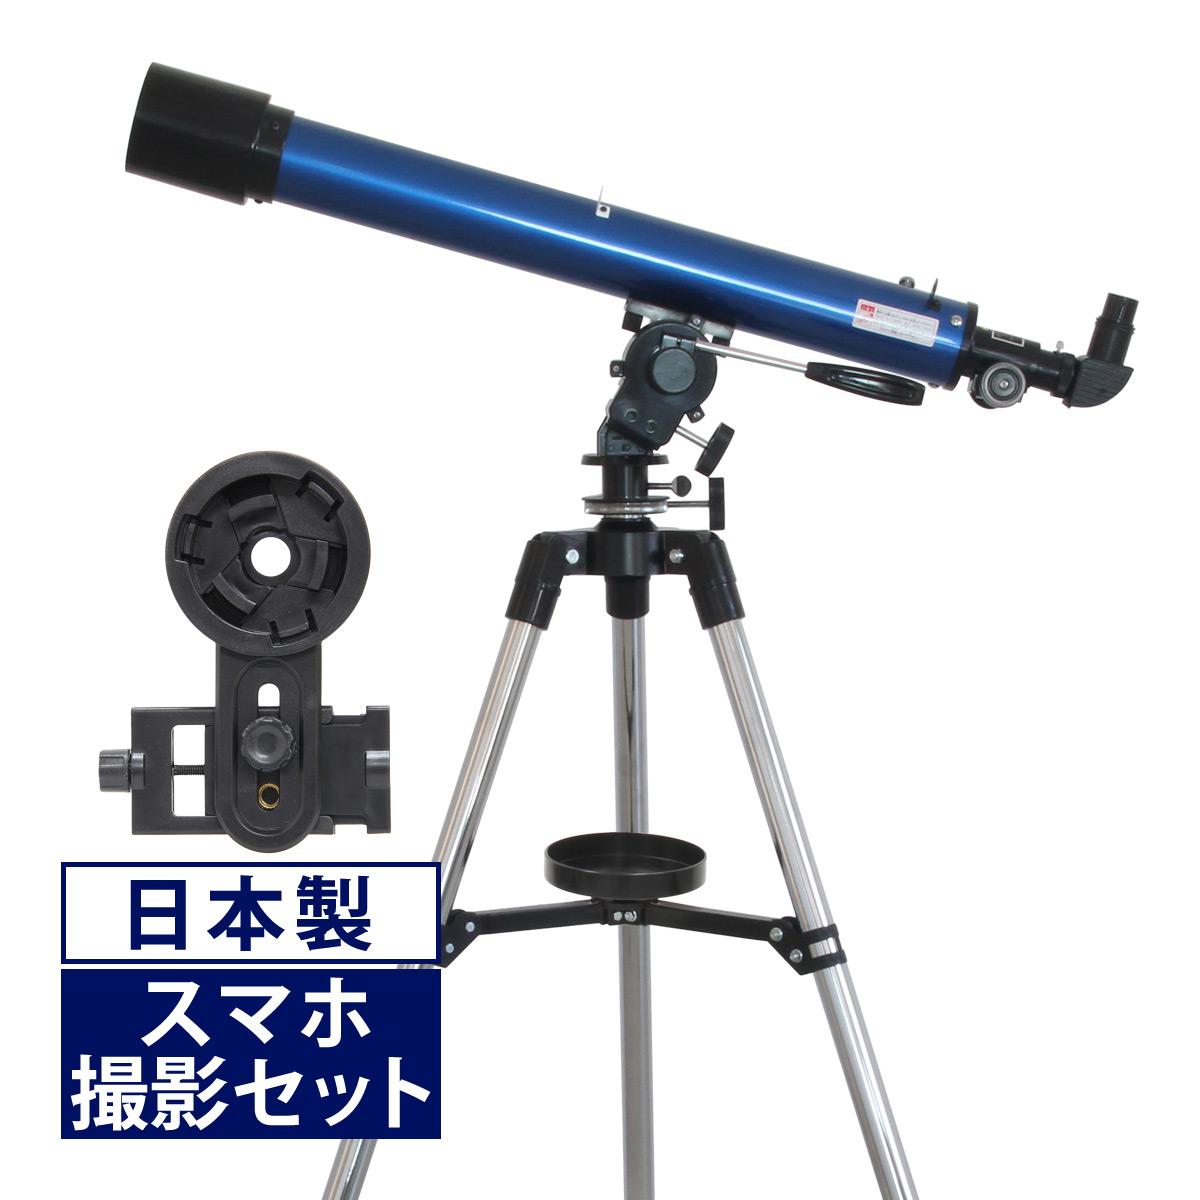 【お買い物マラソン クーポン配布中】天体望遠鏡 スマホ 初心者 子供 小学生 リゲル60 日本製